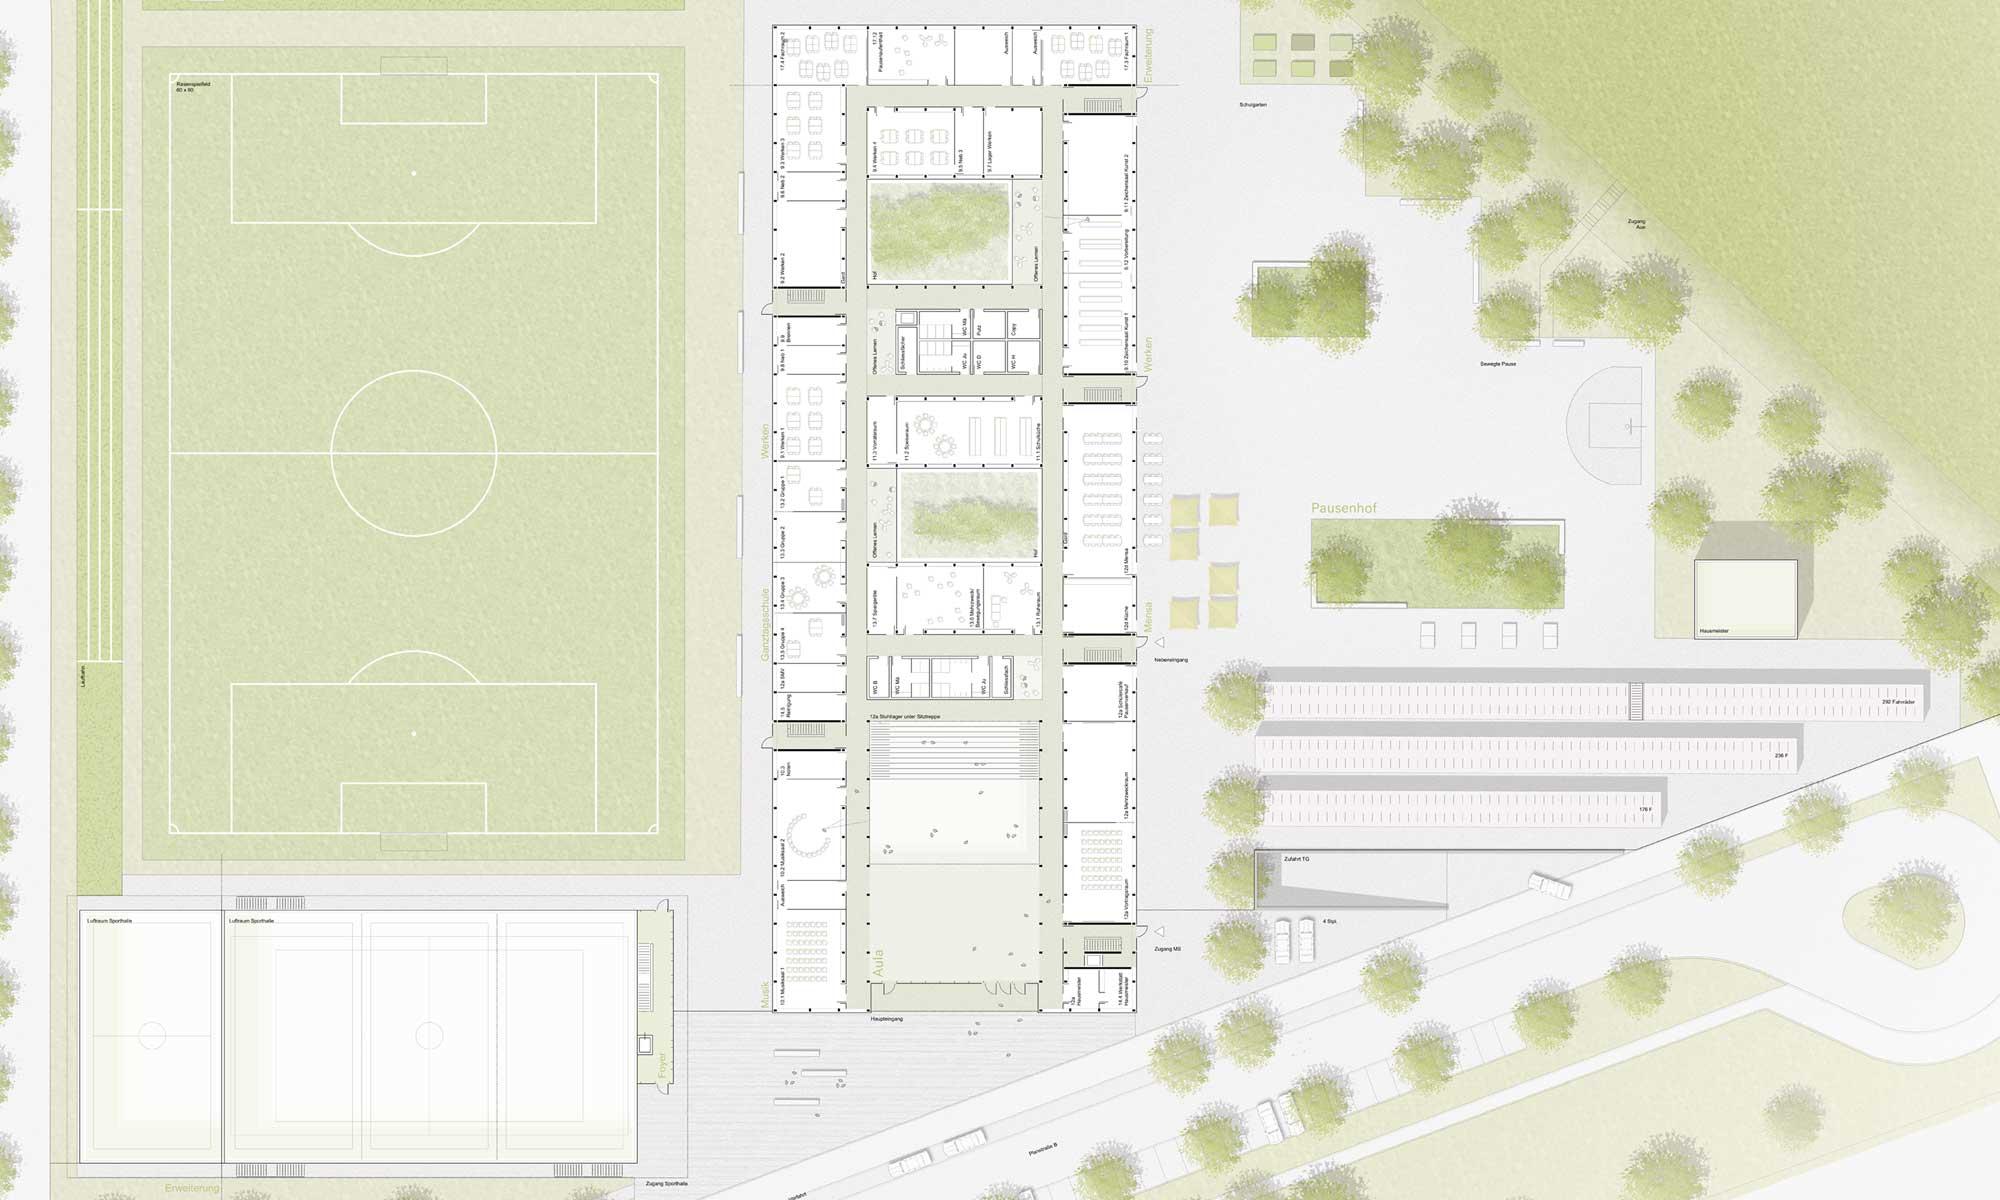 Wettbewerb Landschaftsarchitektur Realschule Landshut - Grundriss